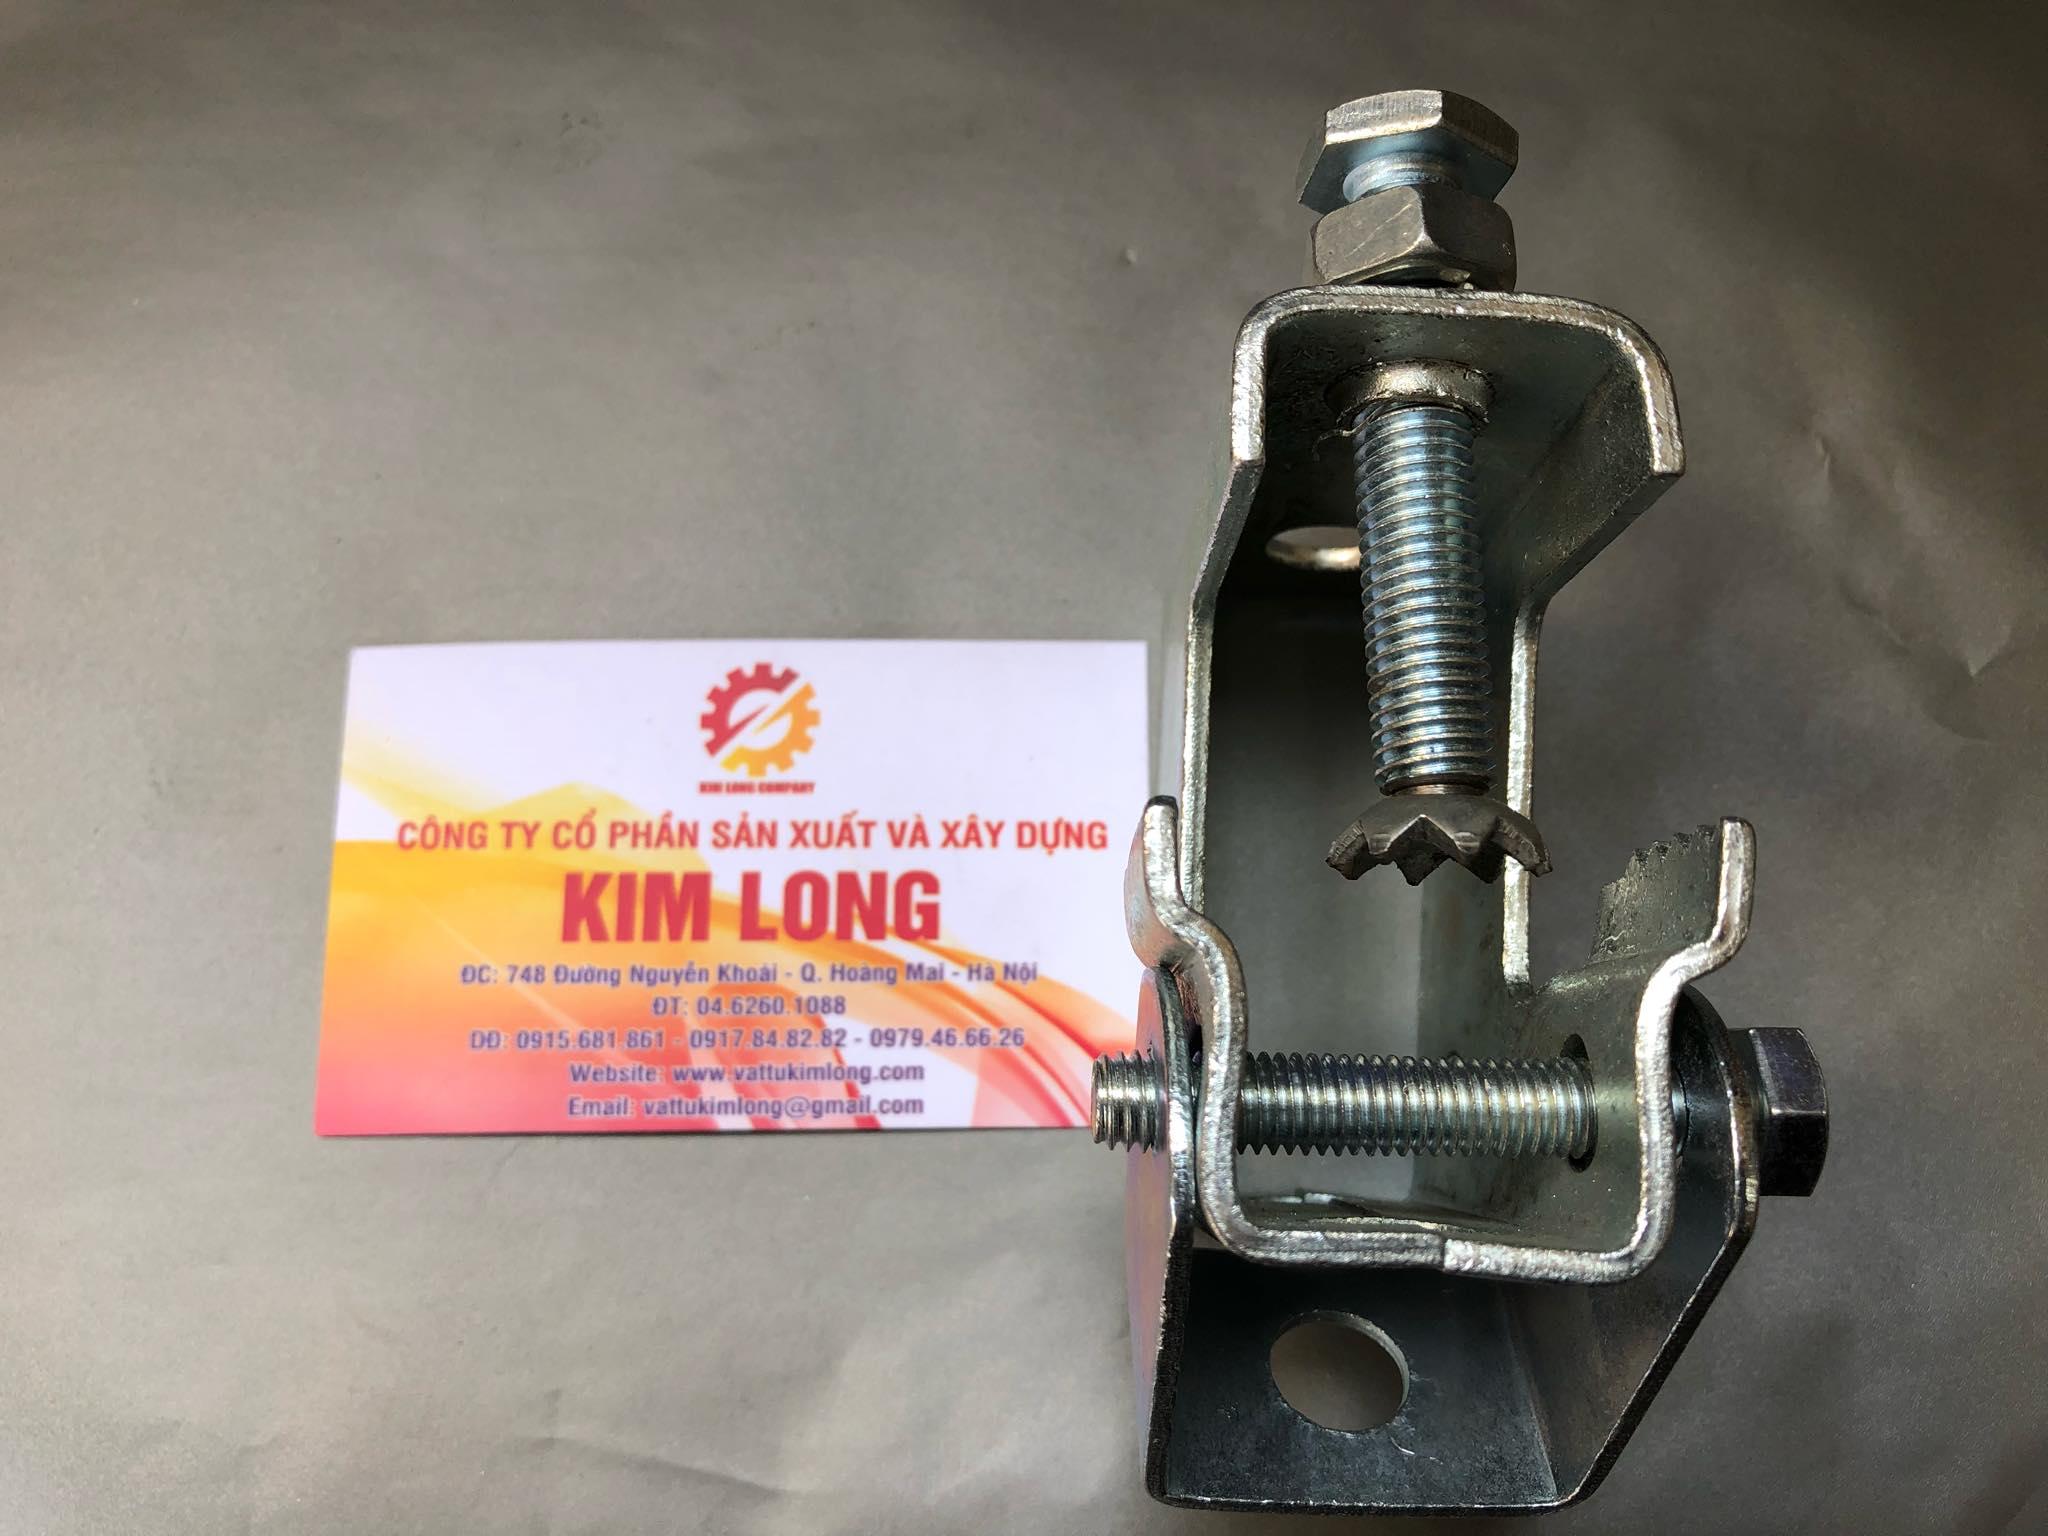 báo giá kẹp dầm Kim Long